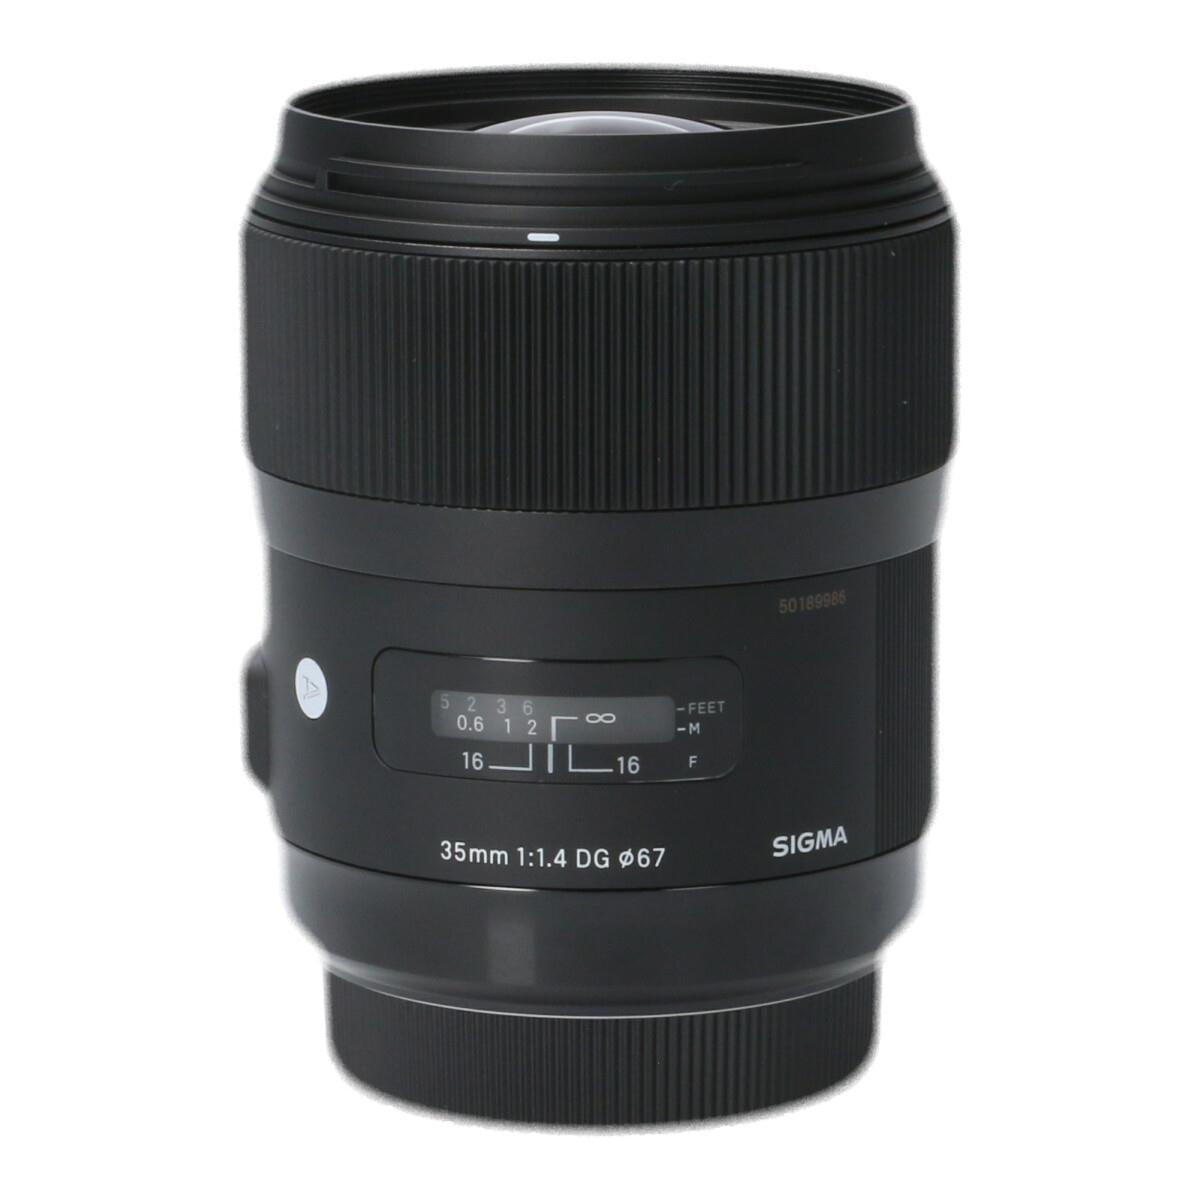 SIGMA EOS(A)35mm F1.4DG HSM【中古】